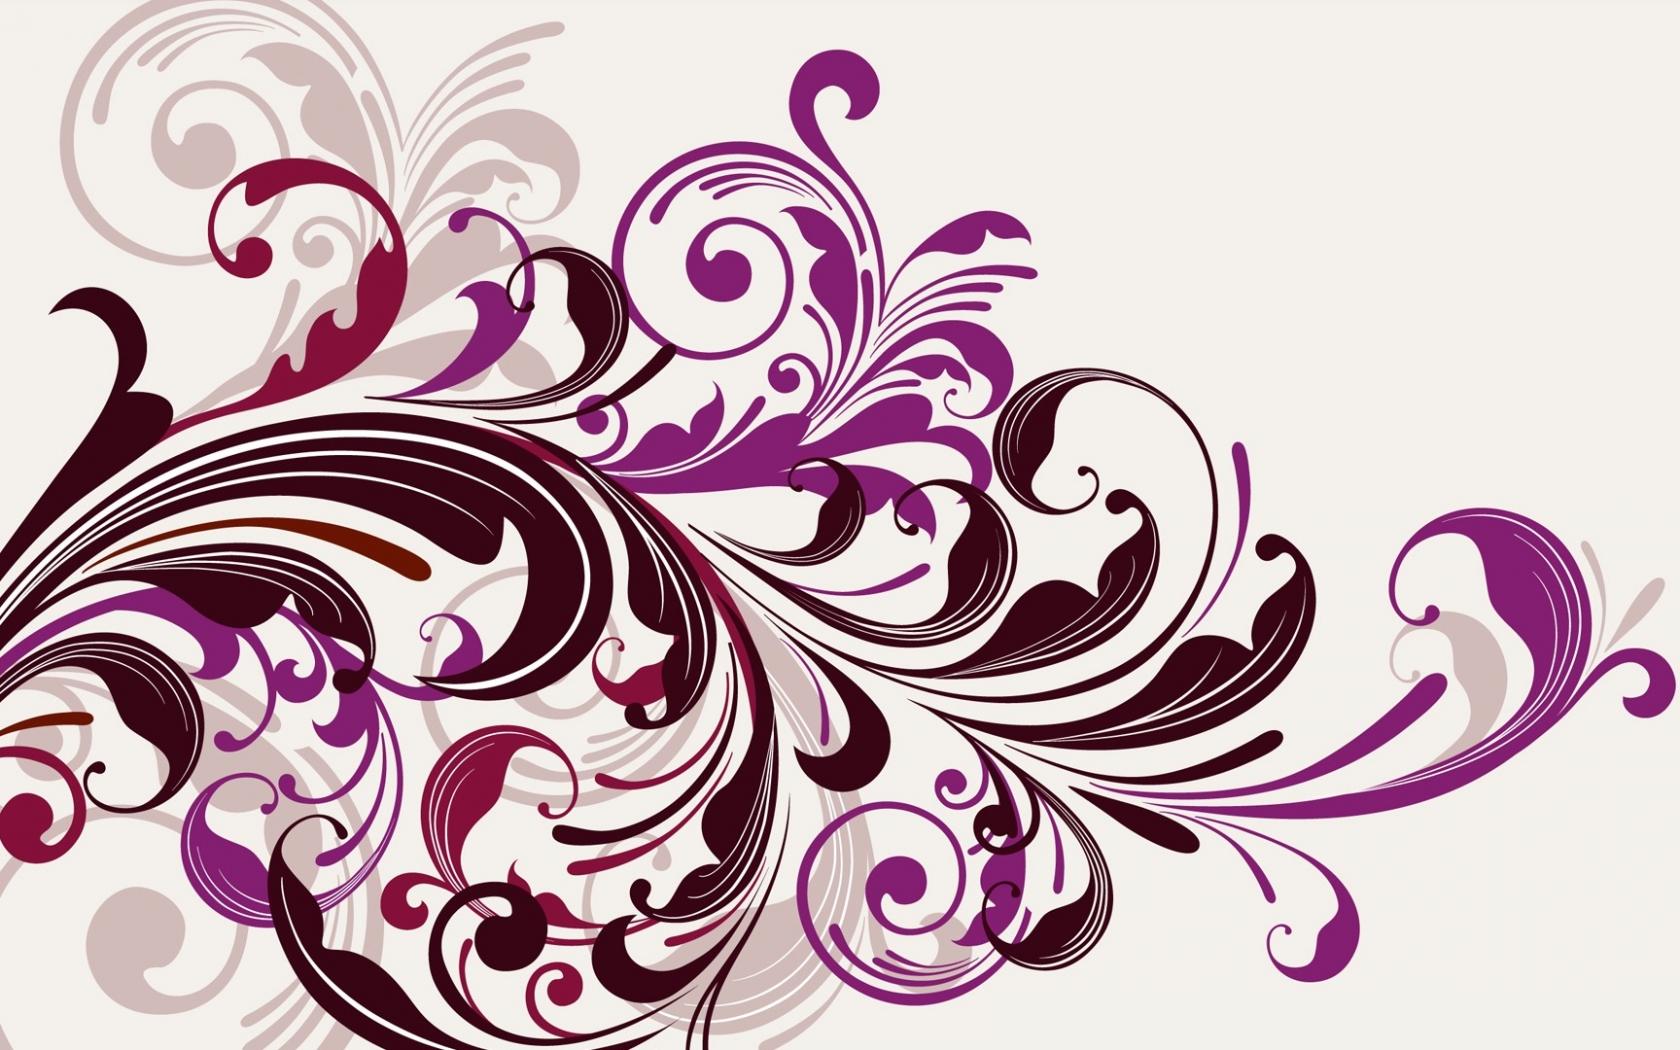 Flores abstractas - 1680x1050